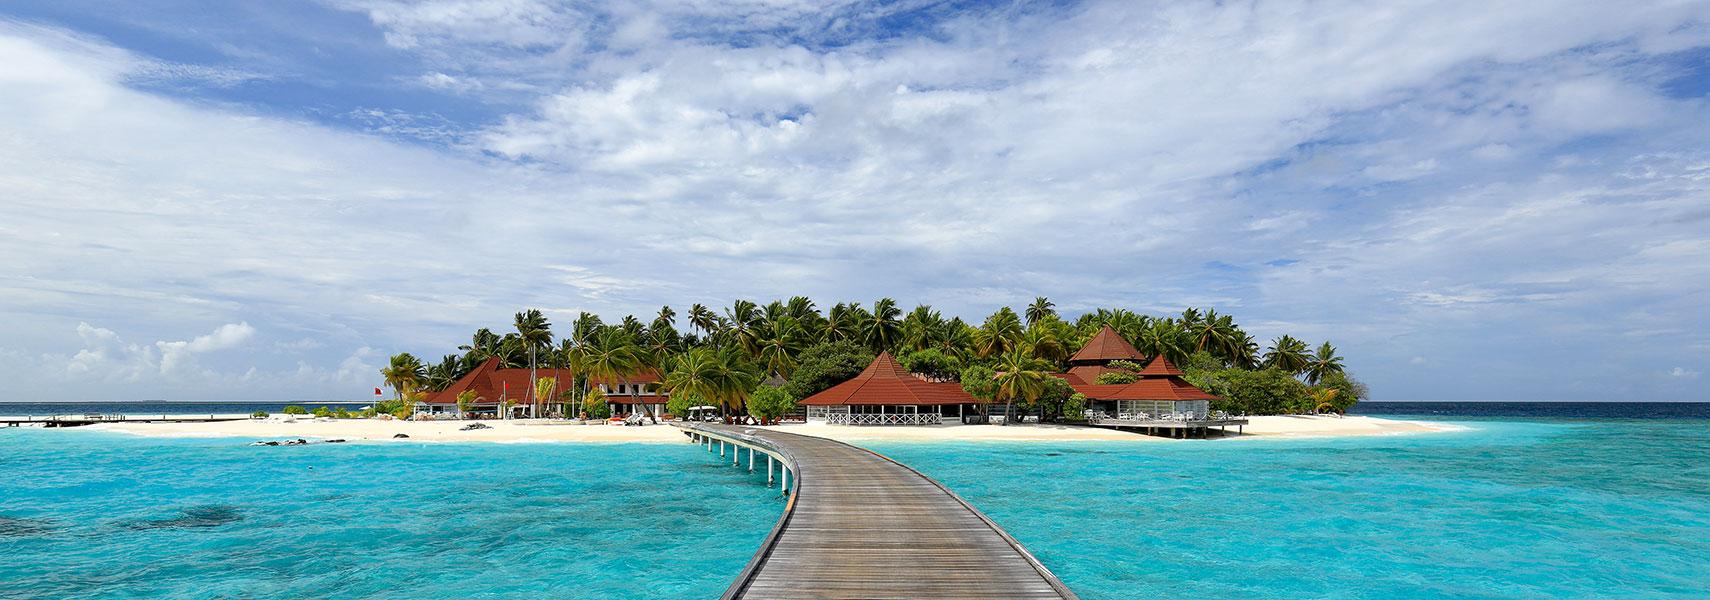 Μαλδίβες-Ατόλη Μαλέ 85